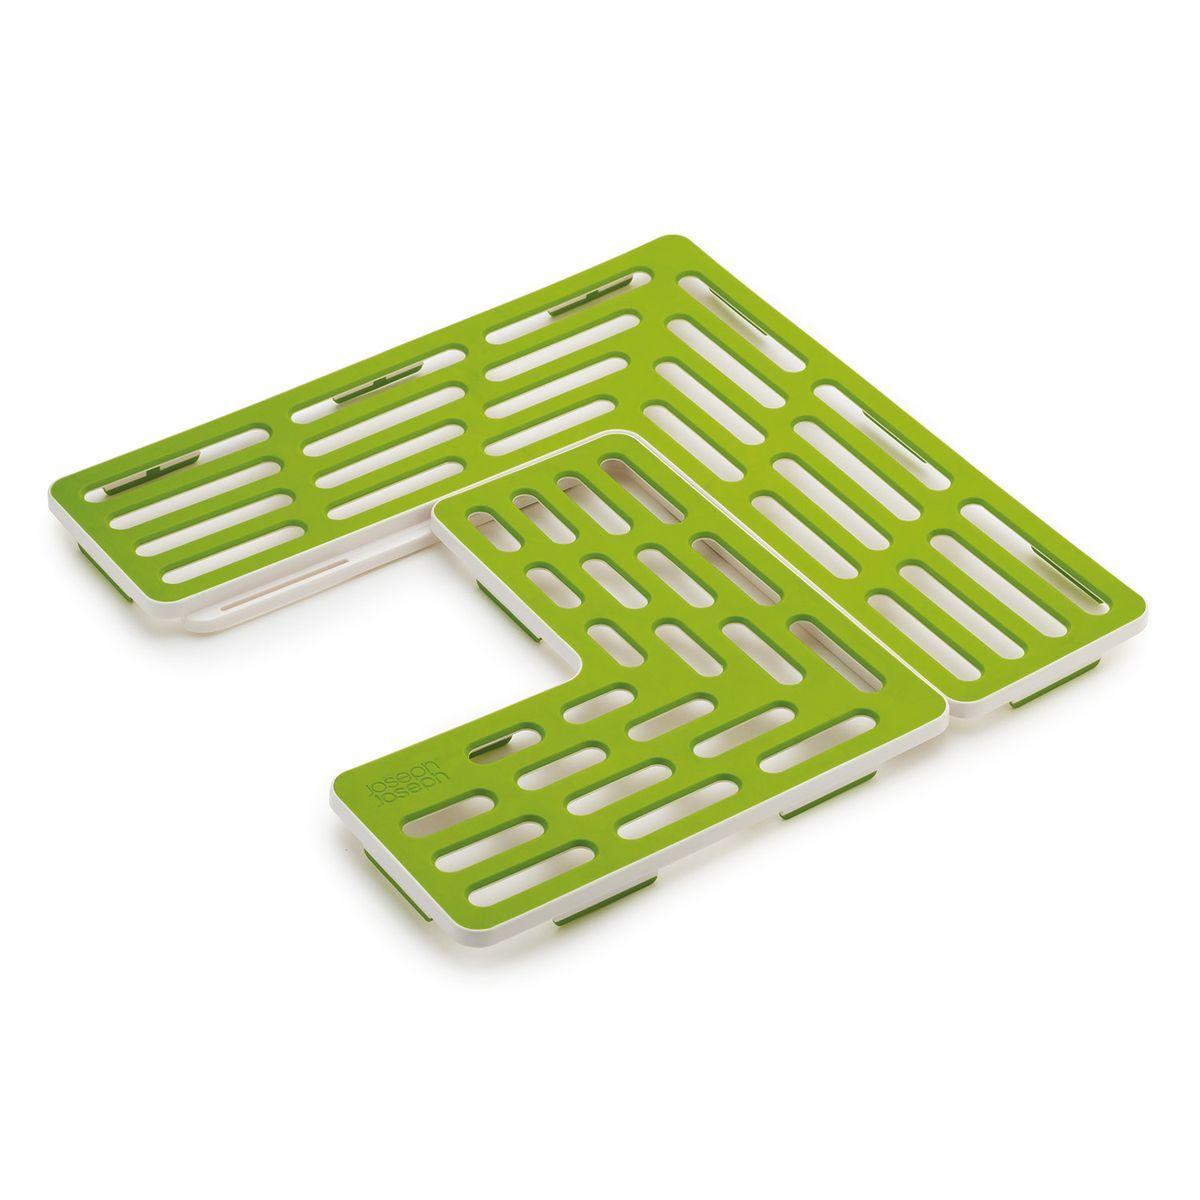 Подложка для раковины Joseph Joseph SinkSaver, цвет: зеленый, белый85036Подложка для раковины Joseph Joseph SinkSaver выполнена из термопластичной резины и пластика. Может показаться, что это конструктор, но на самом деле - это подложка, продуманная до мелочей. Она подходит к раковинам разных форматов и адаптируется под сливное отверстие в центре, слева или справа. Прорезиненная поверхность подложки предотвращает повреждение посуды, сколы и царапинки, даже если вы ее уроните. Так же защищена и сама раковина, она всегда будет выглядеть как новая. Минимальный размер раковины: 31 х 31 см. Максимальный размер подложки: 28 см х 28 см.